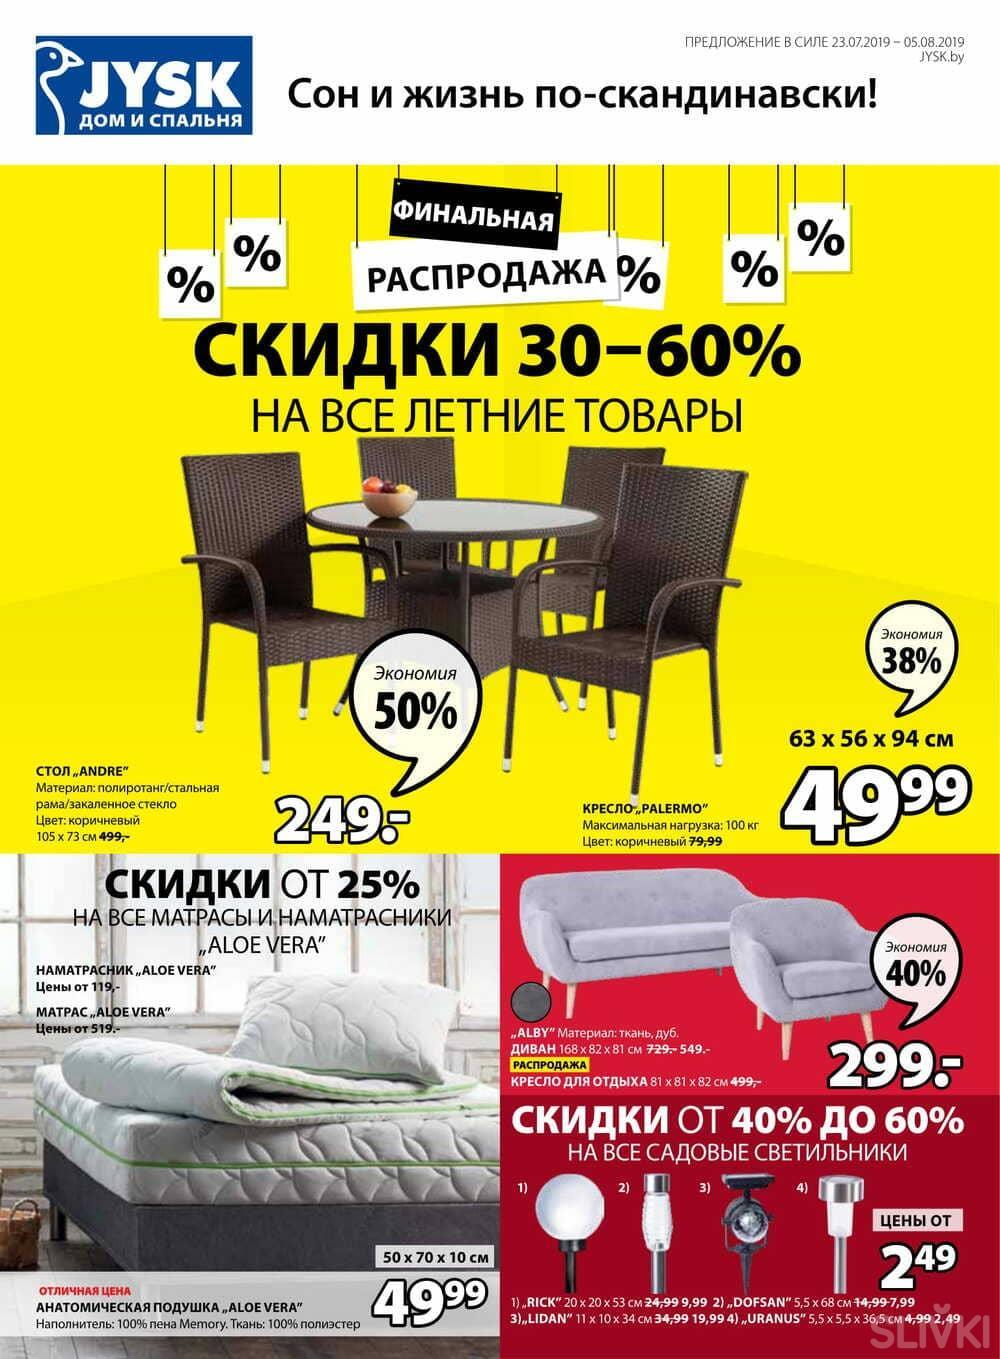 b61b34542ef0c Распродажи, акции и скидки в магазинах